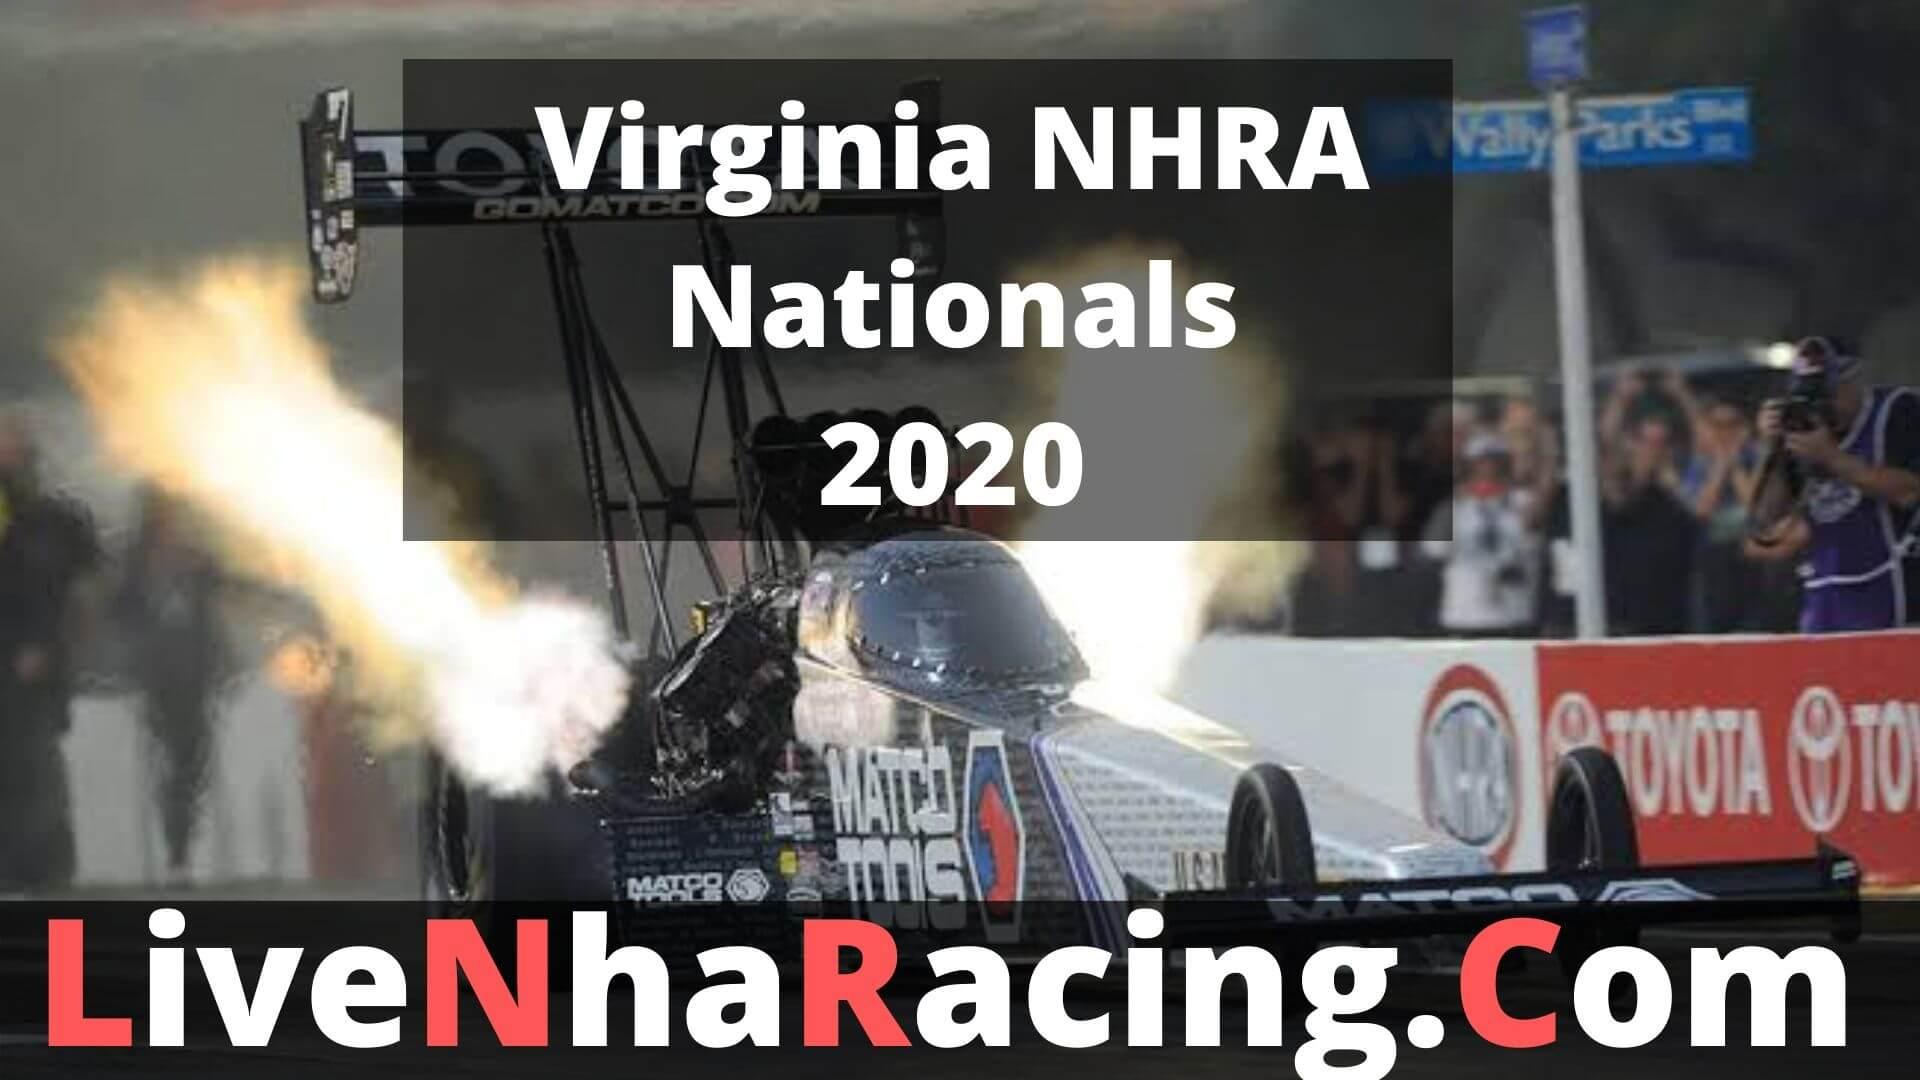 Virginia NHRA Nationals - Finals Live Stream